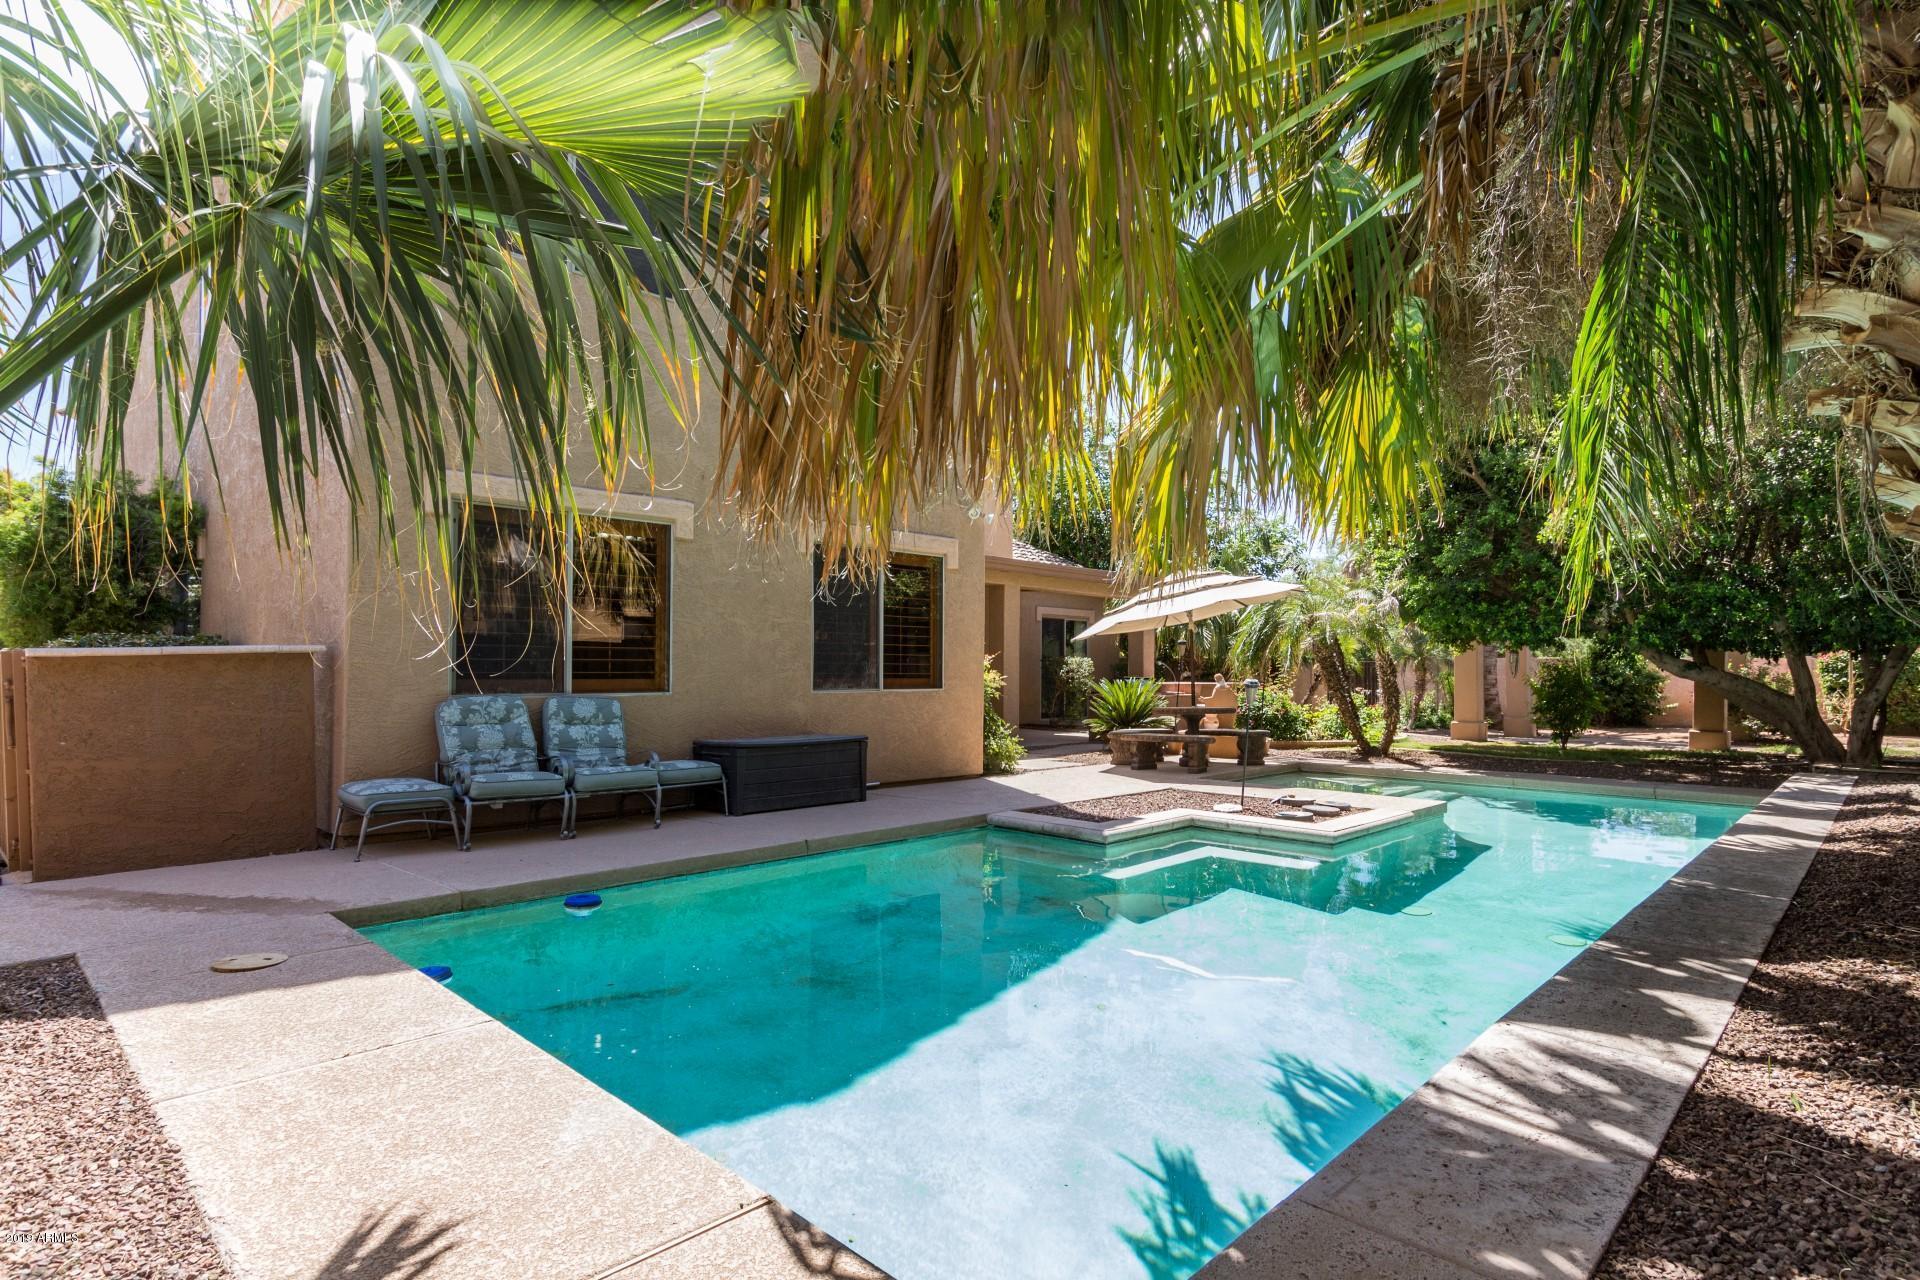 MLS 5928045 1720 E WOODSMAN Place, Chandler, AZ 85286 Chandler AZ Canyon Oaks Estates